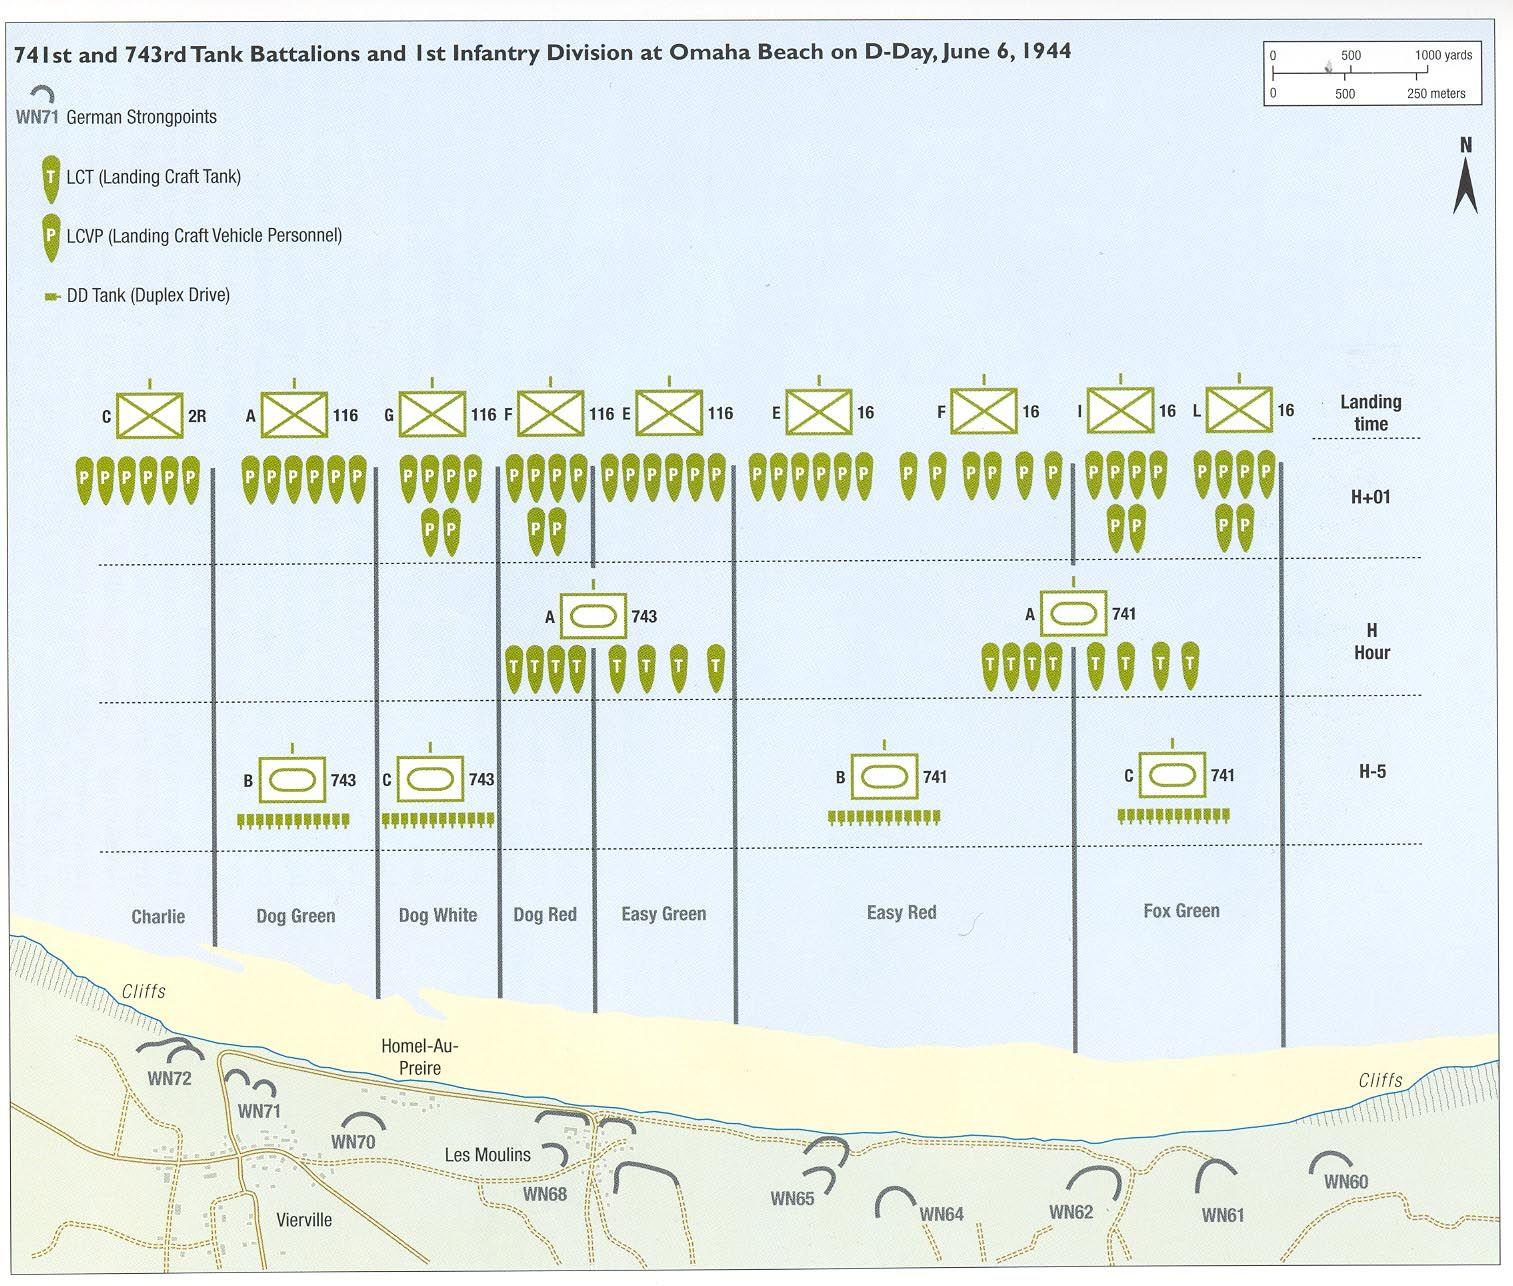 Omaha Beach Landing Zones